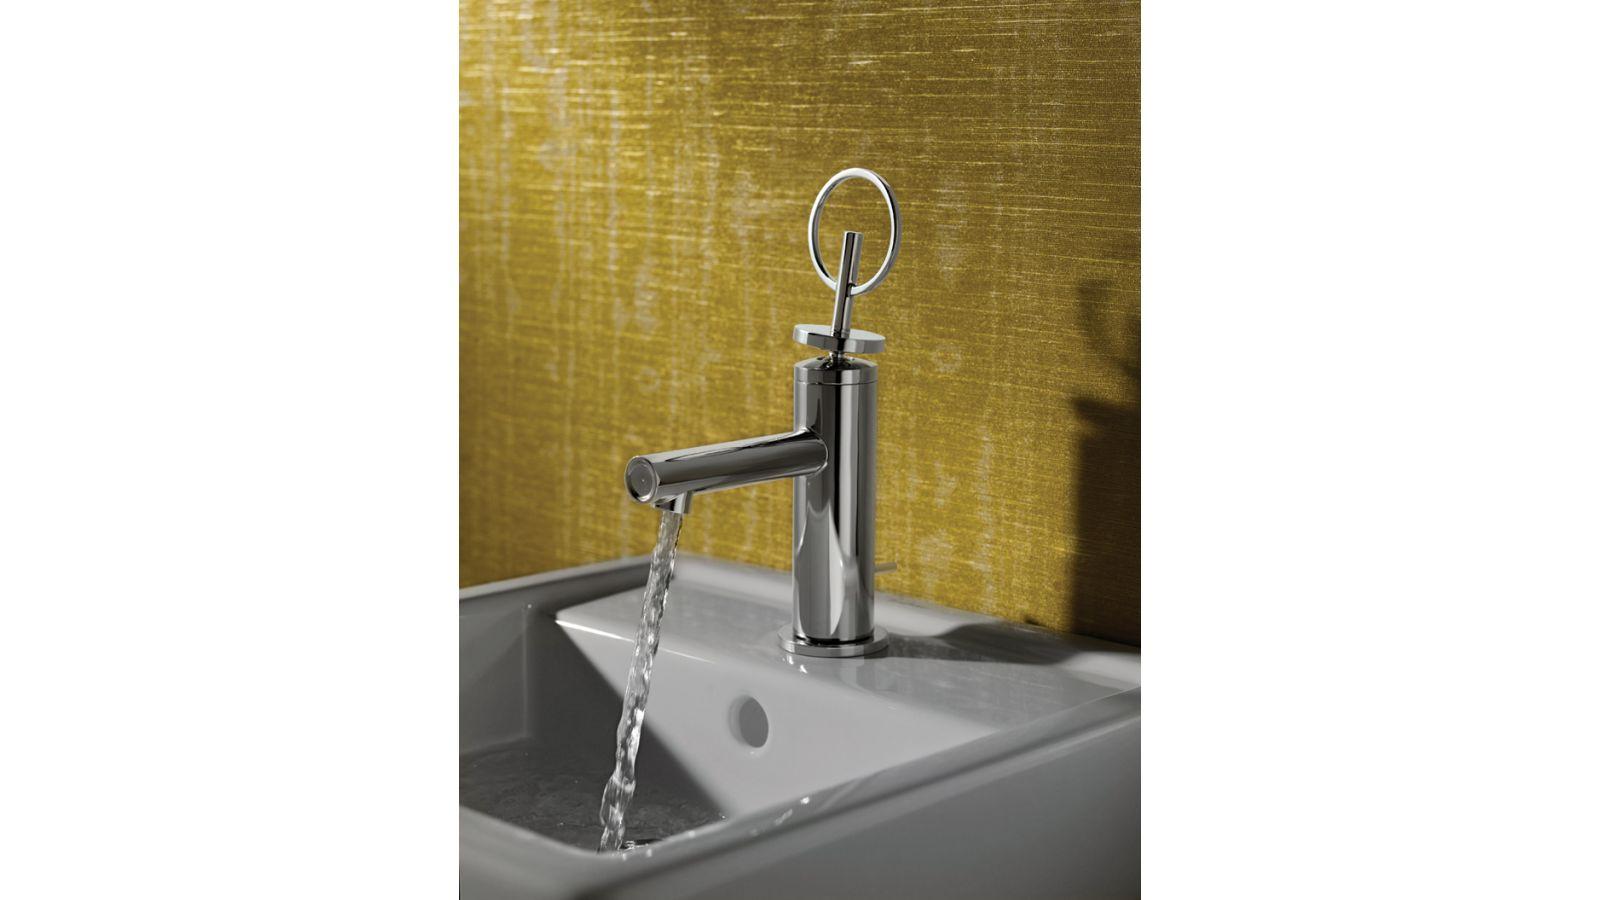 Stoic Single Lever Lavatory Faucet